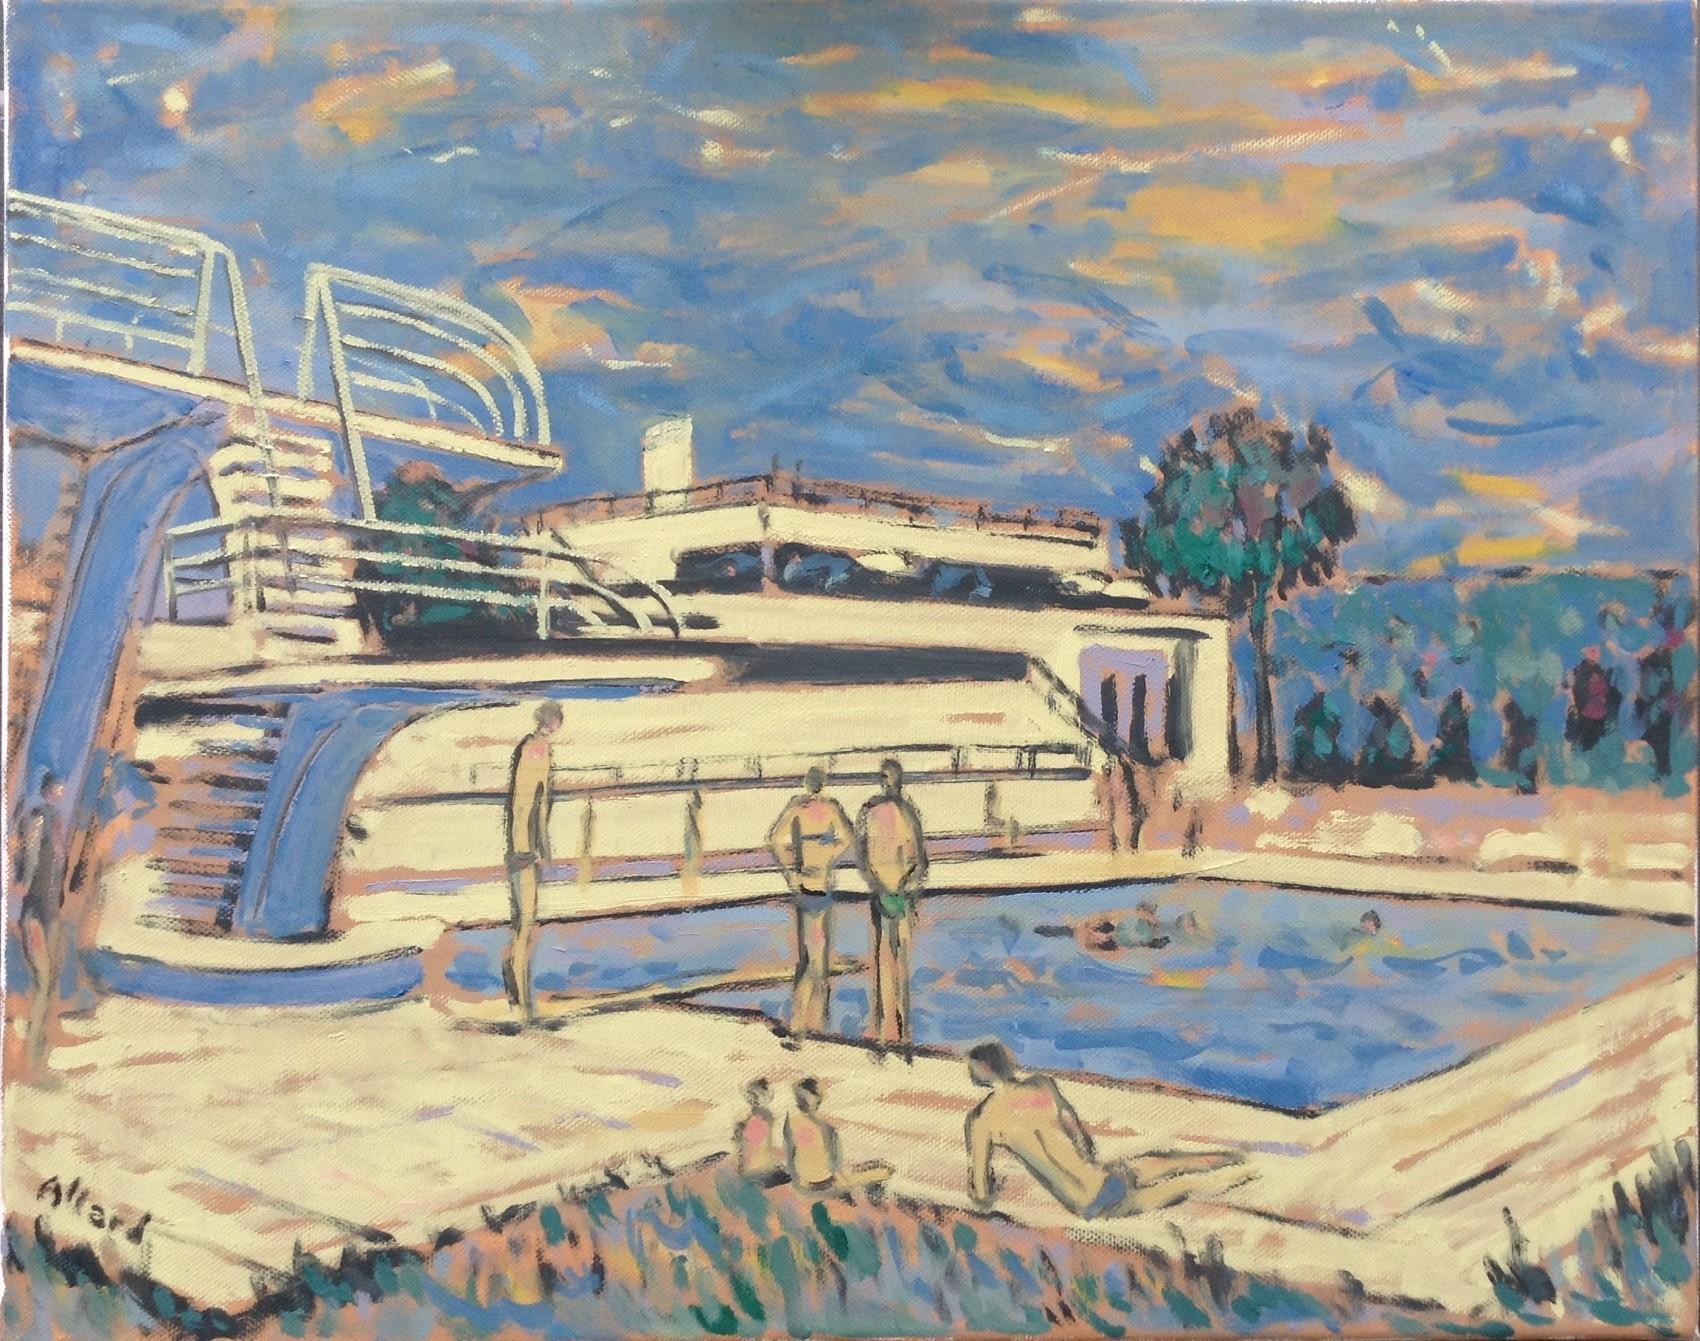 Peinture Piscine Jean Bouin, À Evreux (Collection Particulière) tout Piscine Jean Bouin Évreux